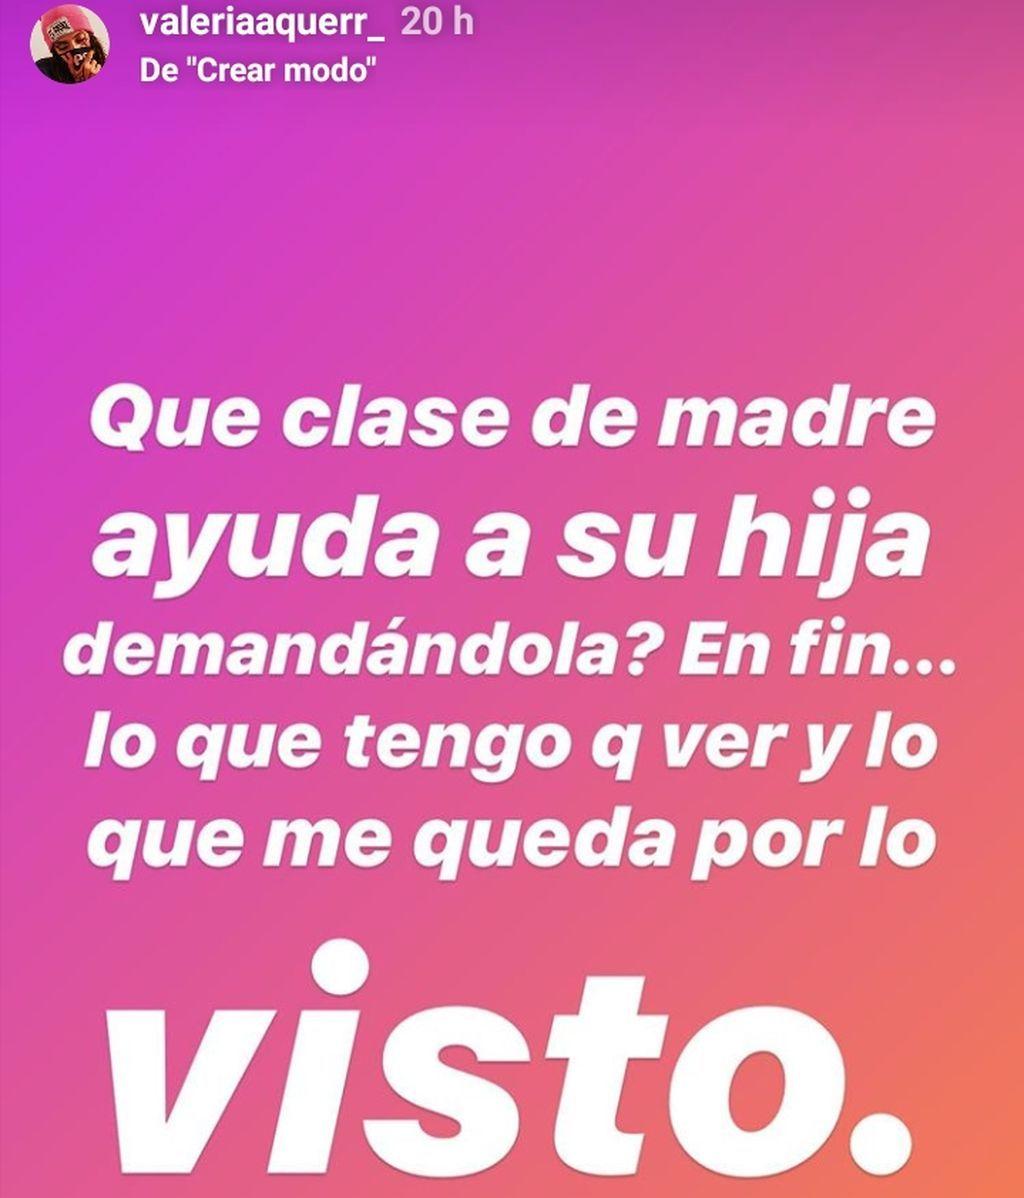 Valeria Quer acusa a su madre de querer vivir del cuento